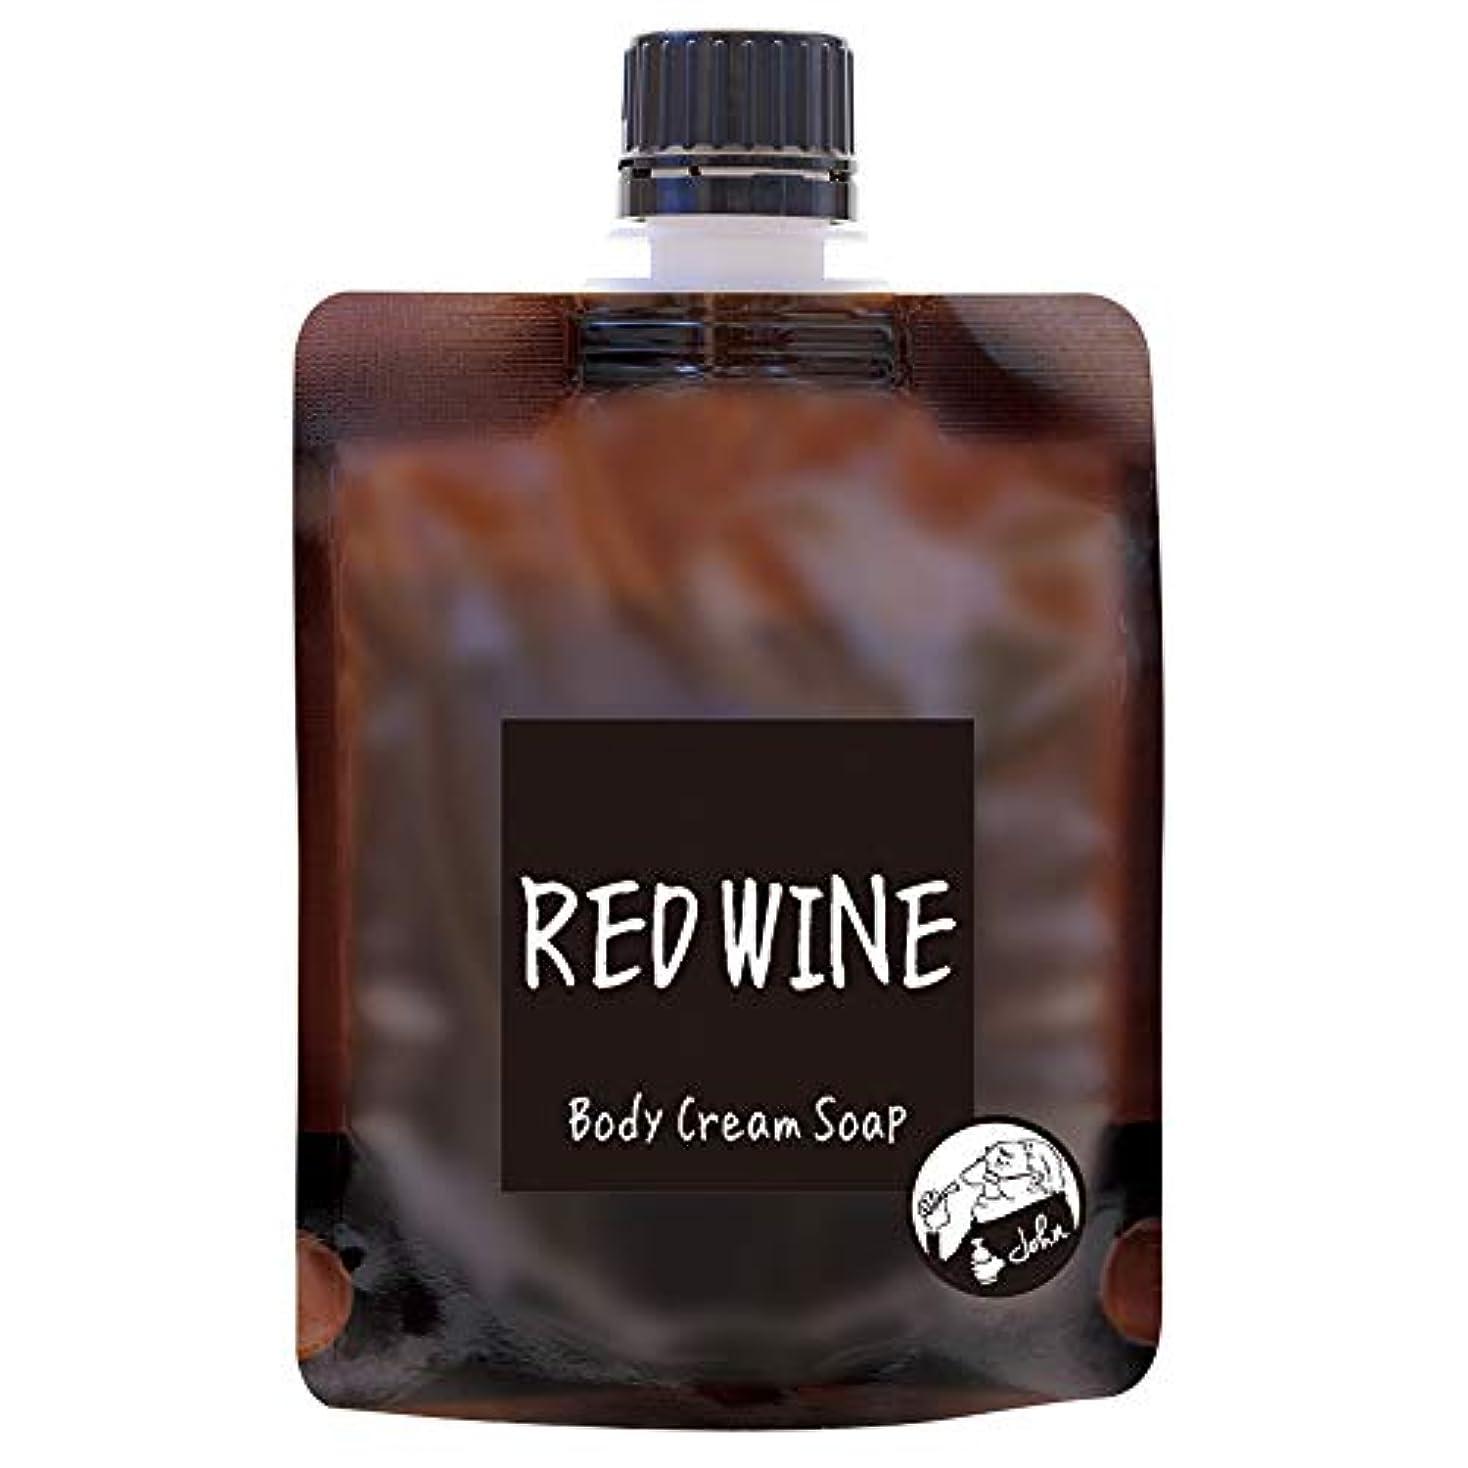 報奨金お茶グラディスノルコーポレーション John's Blend ボディクリームソープ 保湿成分配合 OA-JON-19-5 ボディソープ レッドワインの香り 100g